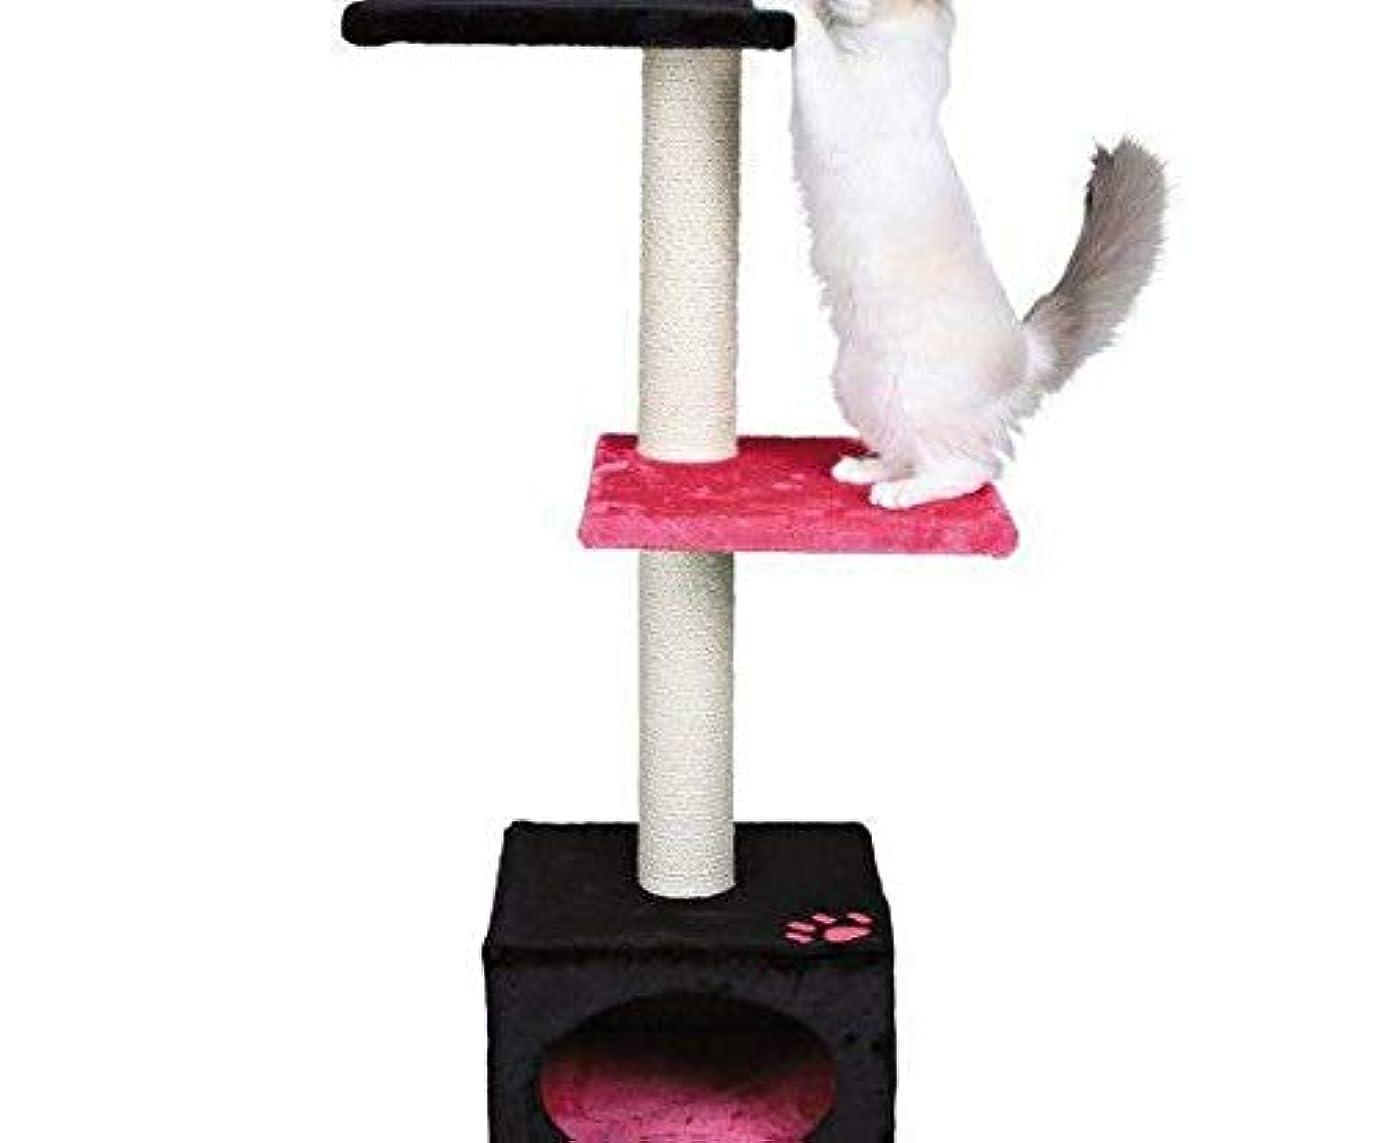 推進、動かす広々不均一Scratcher Badalona109cm,-ブラック/ピンク、Trixie、J、Scratchers、猫